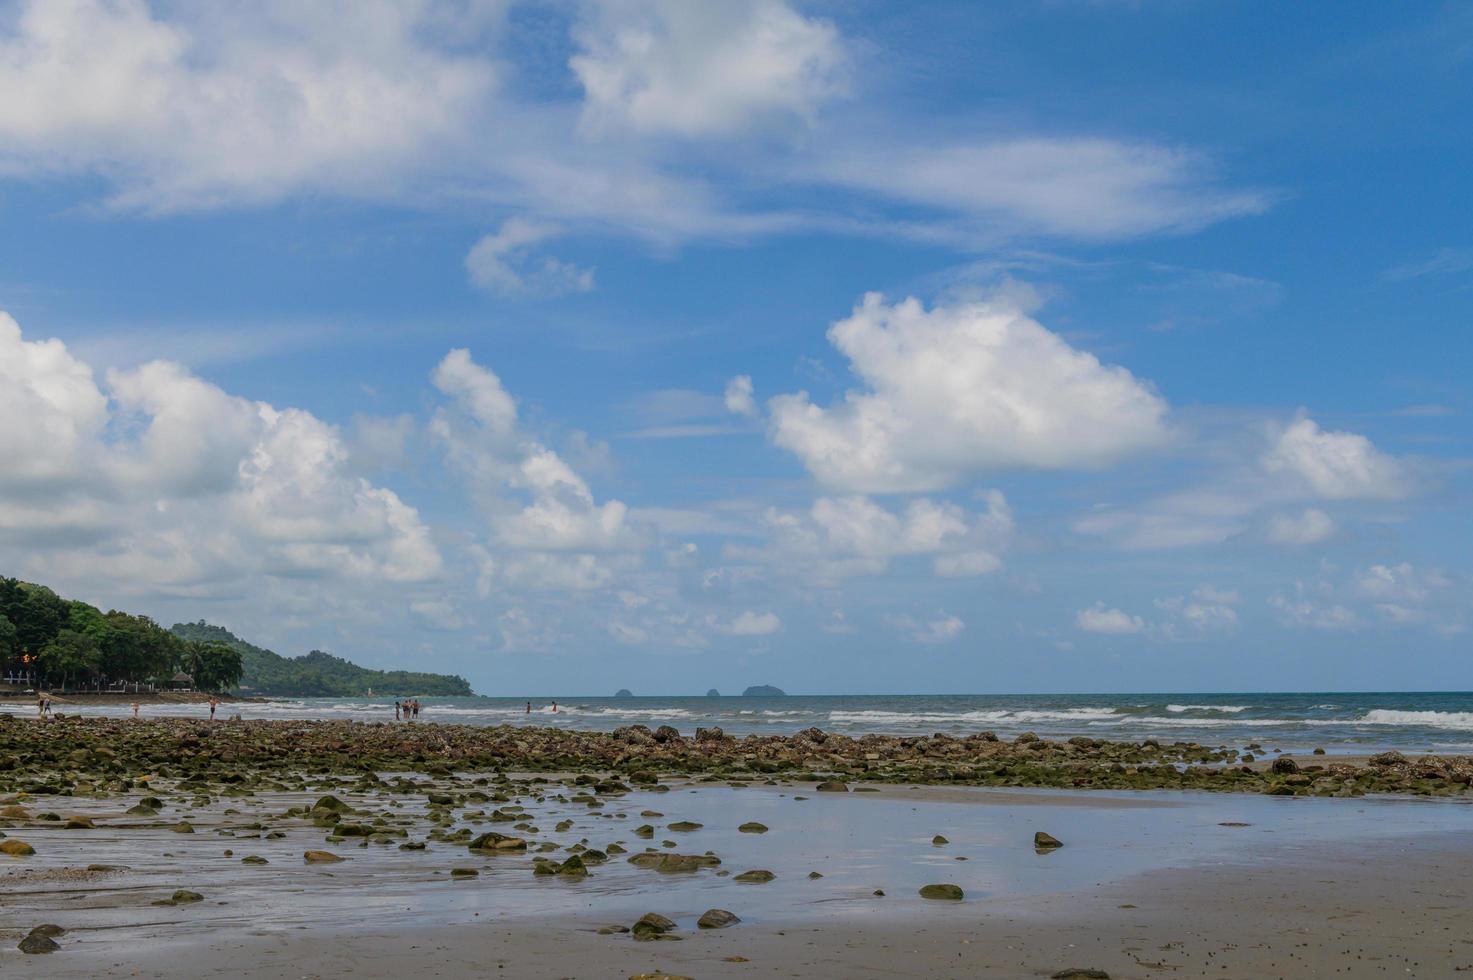 Meer mit Steinen und blauem Himmel foto